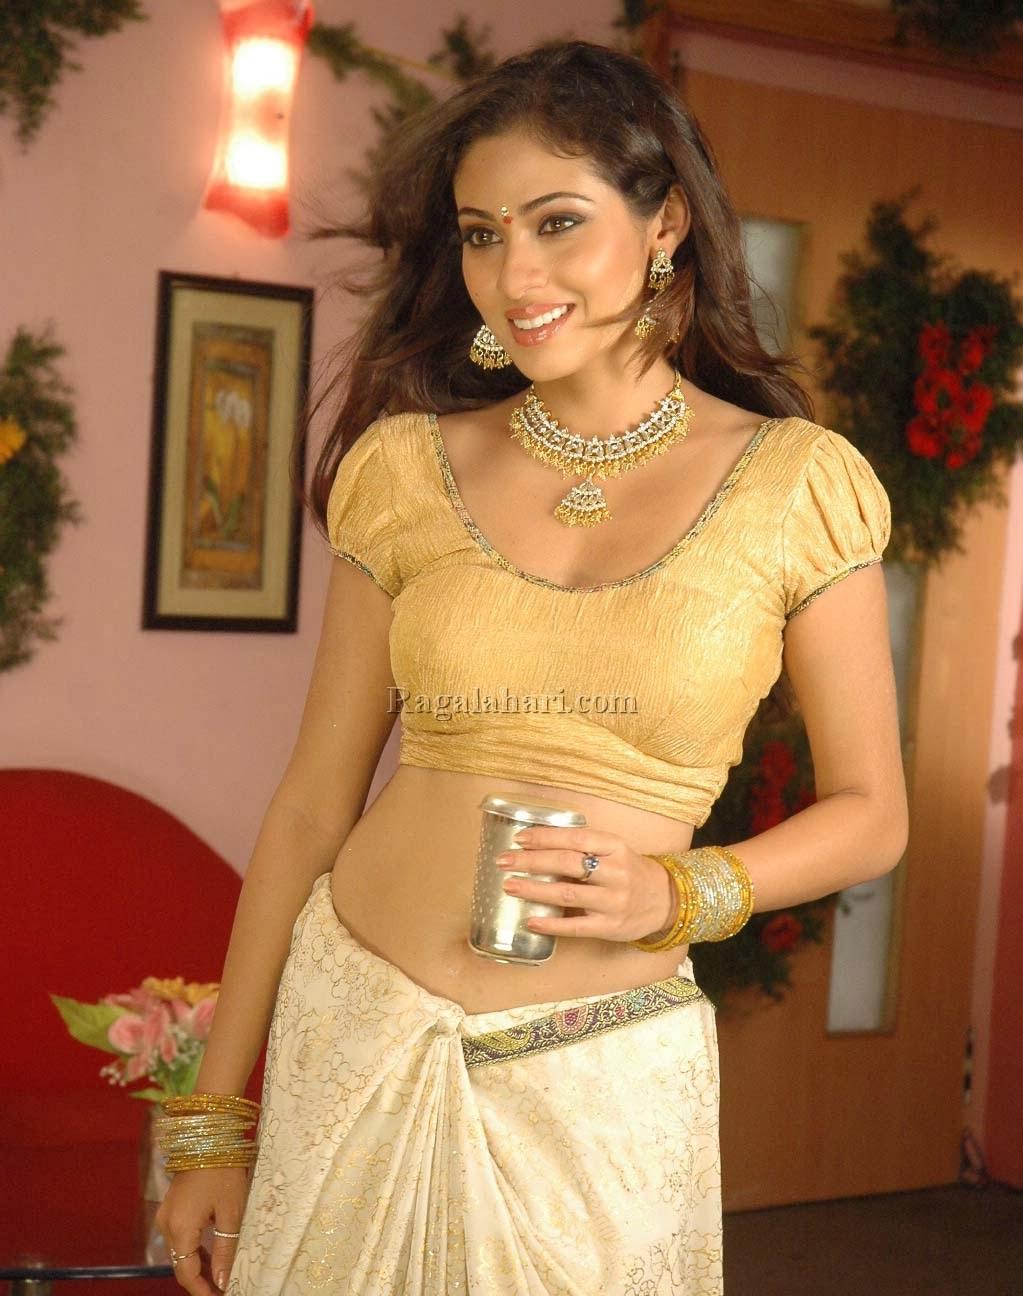 South Actress Hot Pics: Sada Hot Navel Photos In Saree